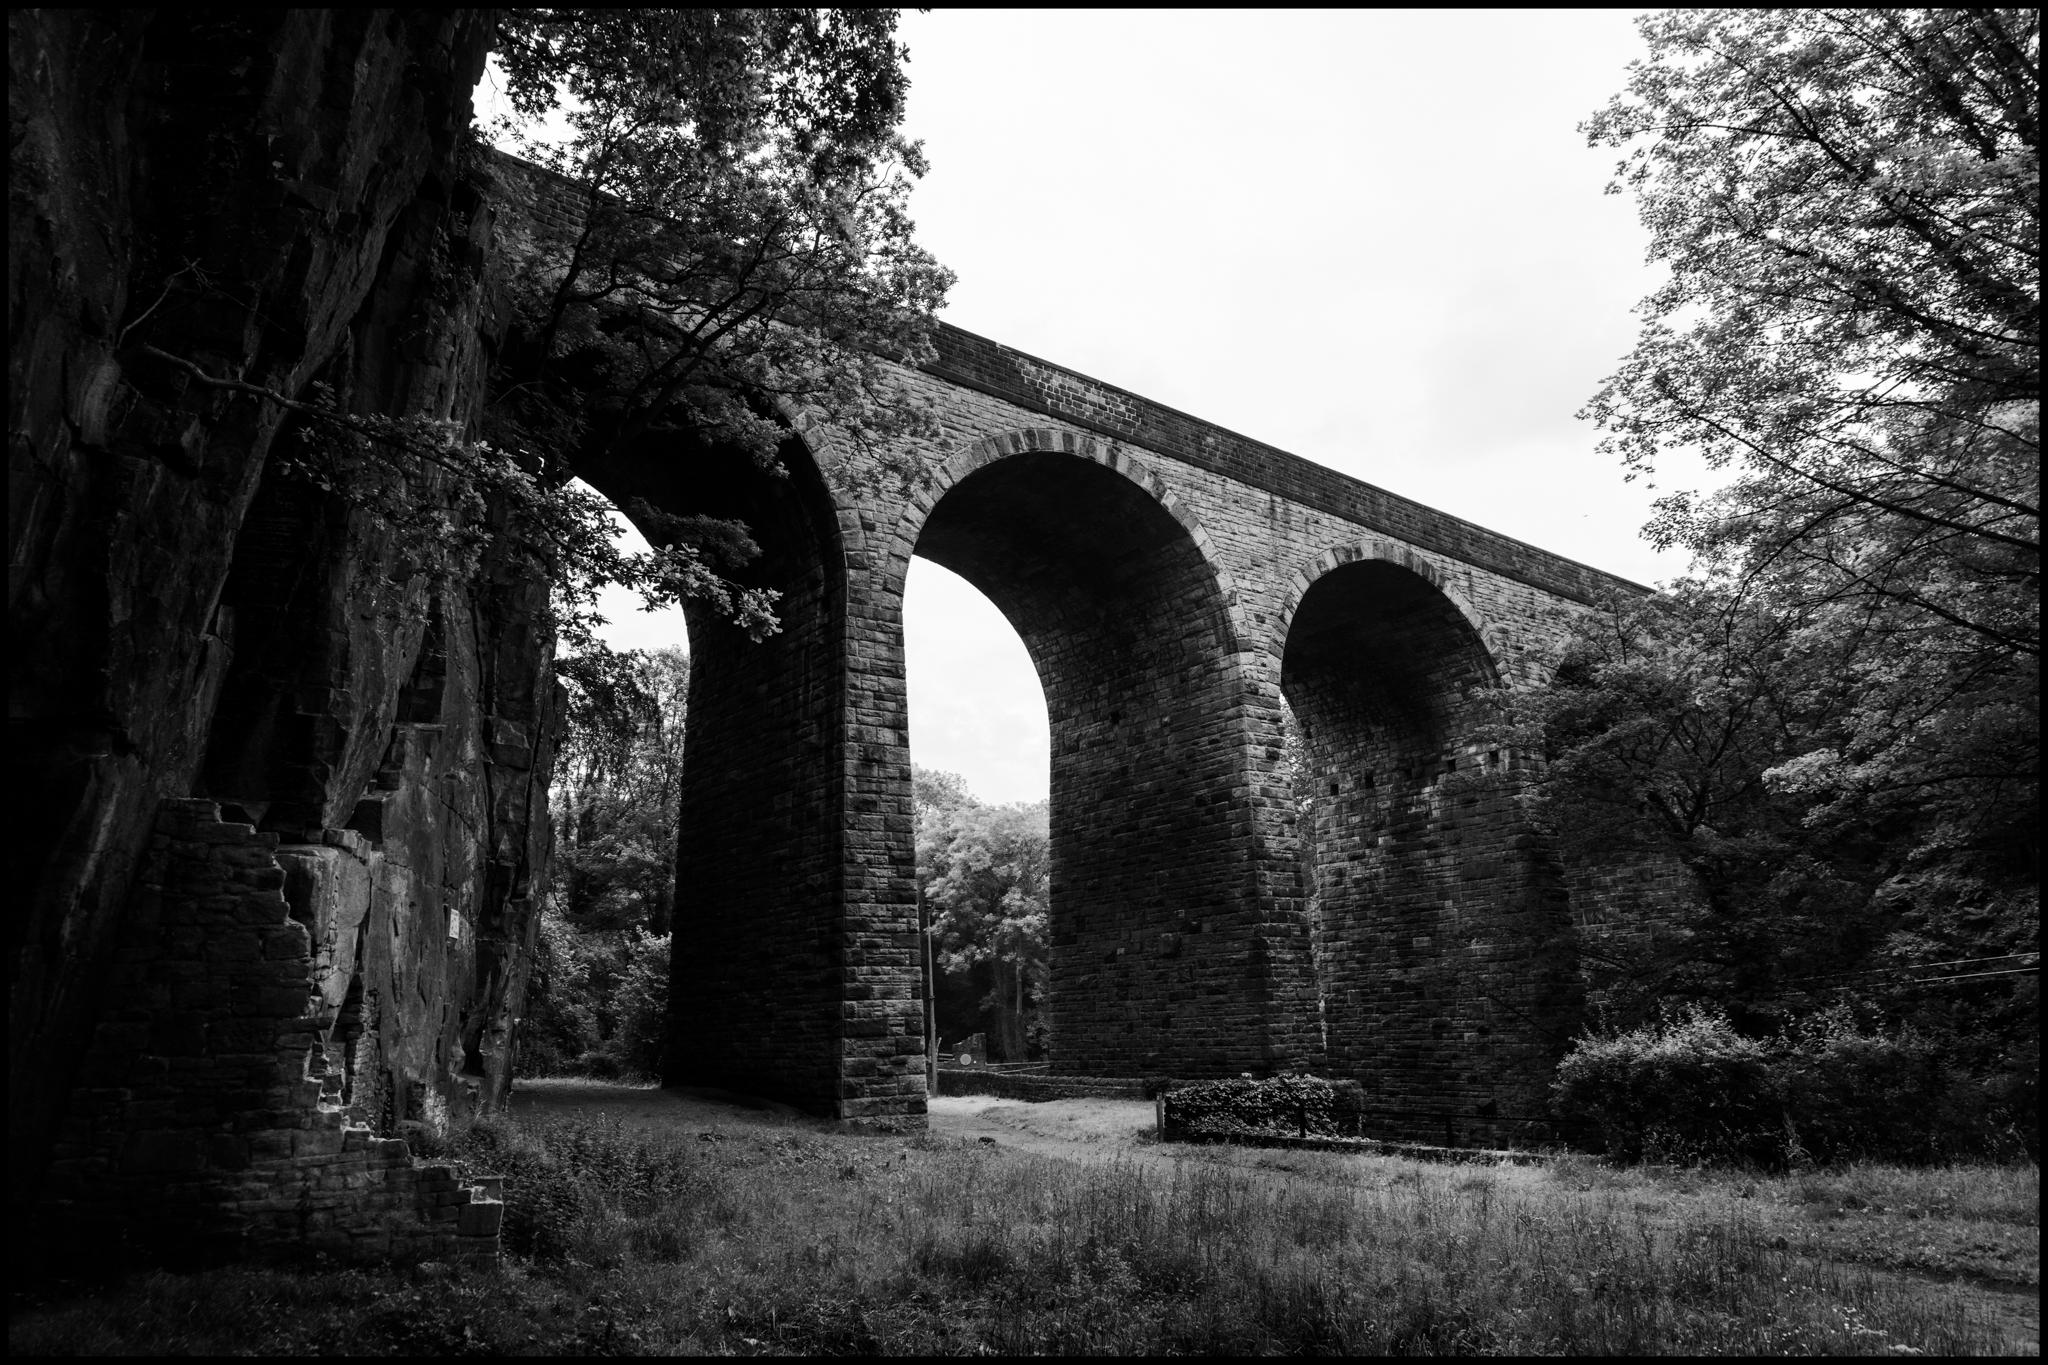 23 June 2019 - Viaduct, New Mills UK